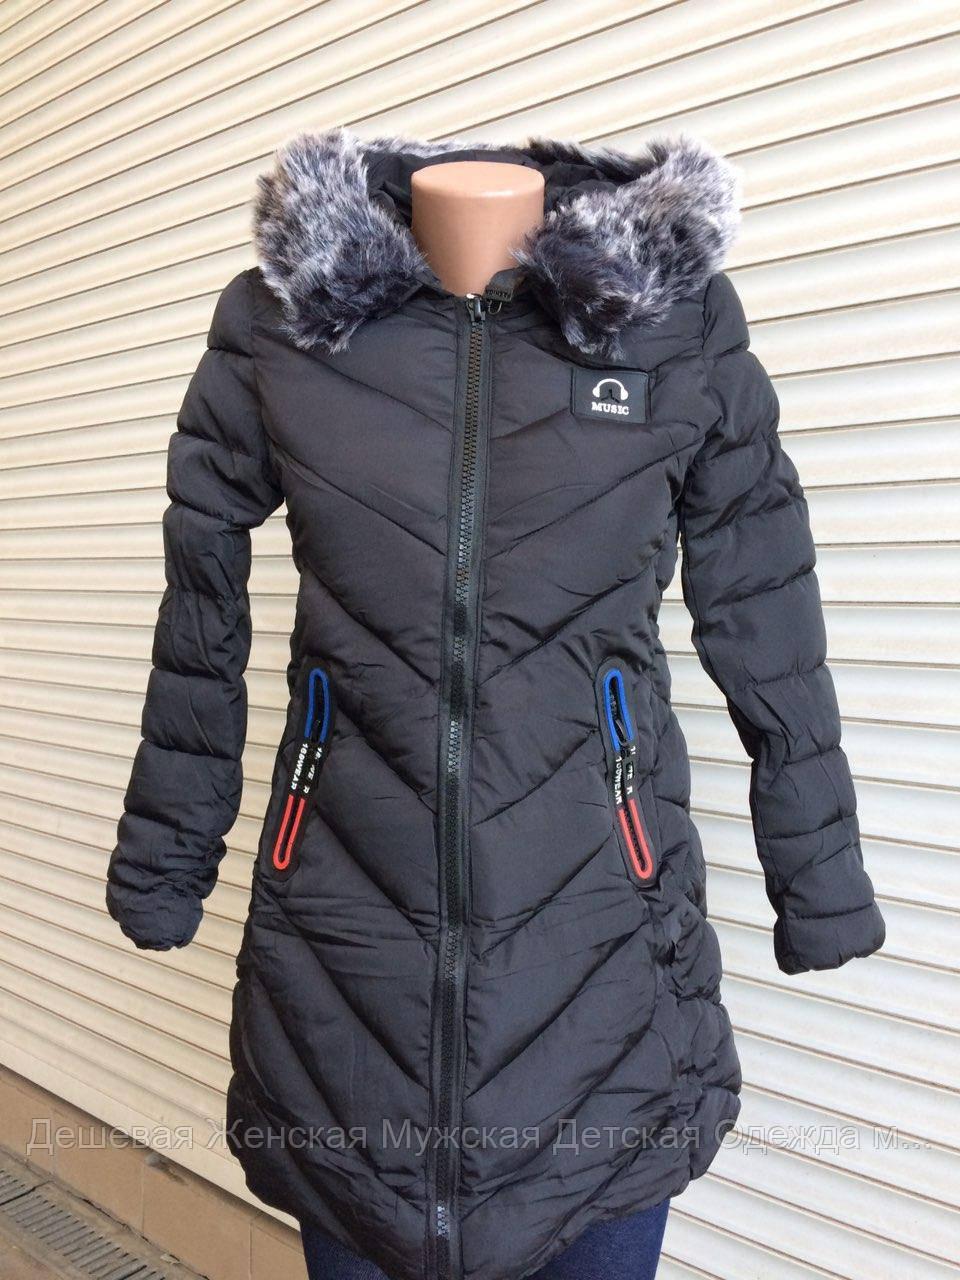 Куртка женская, еврозима